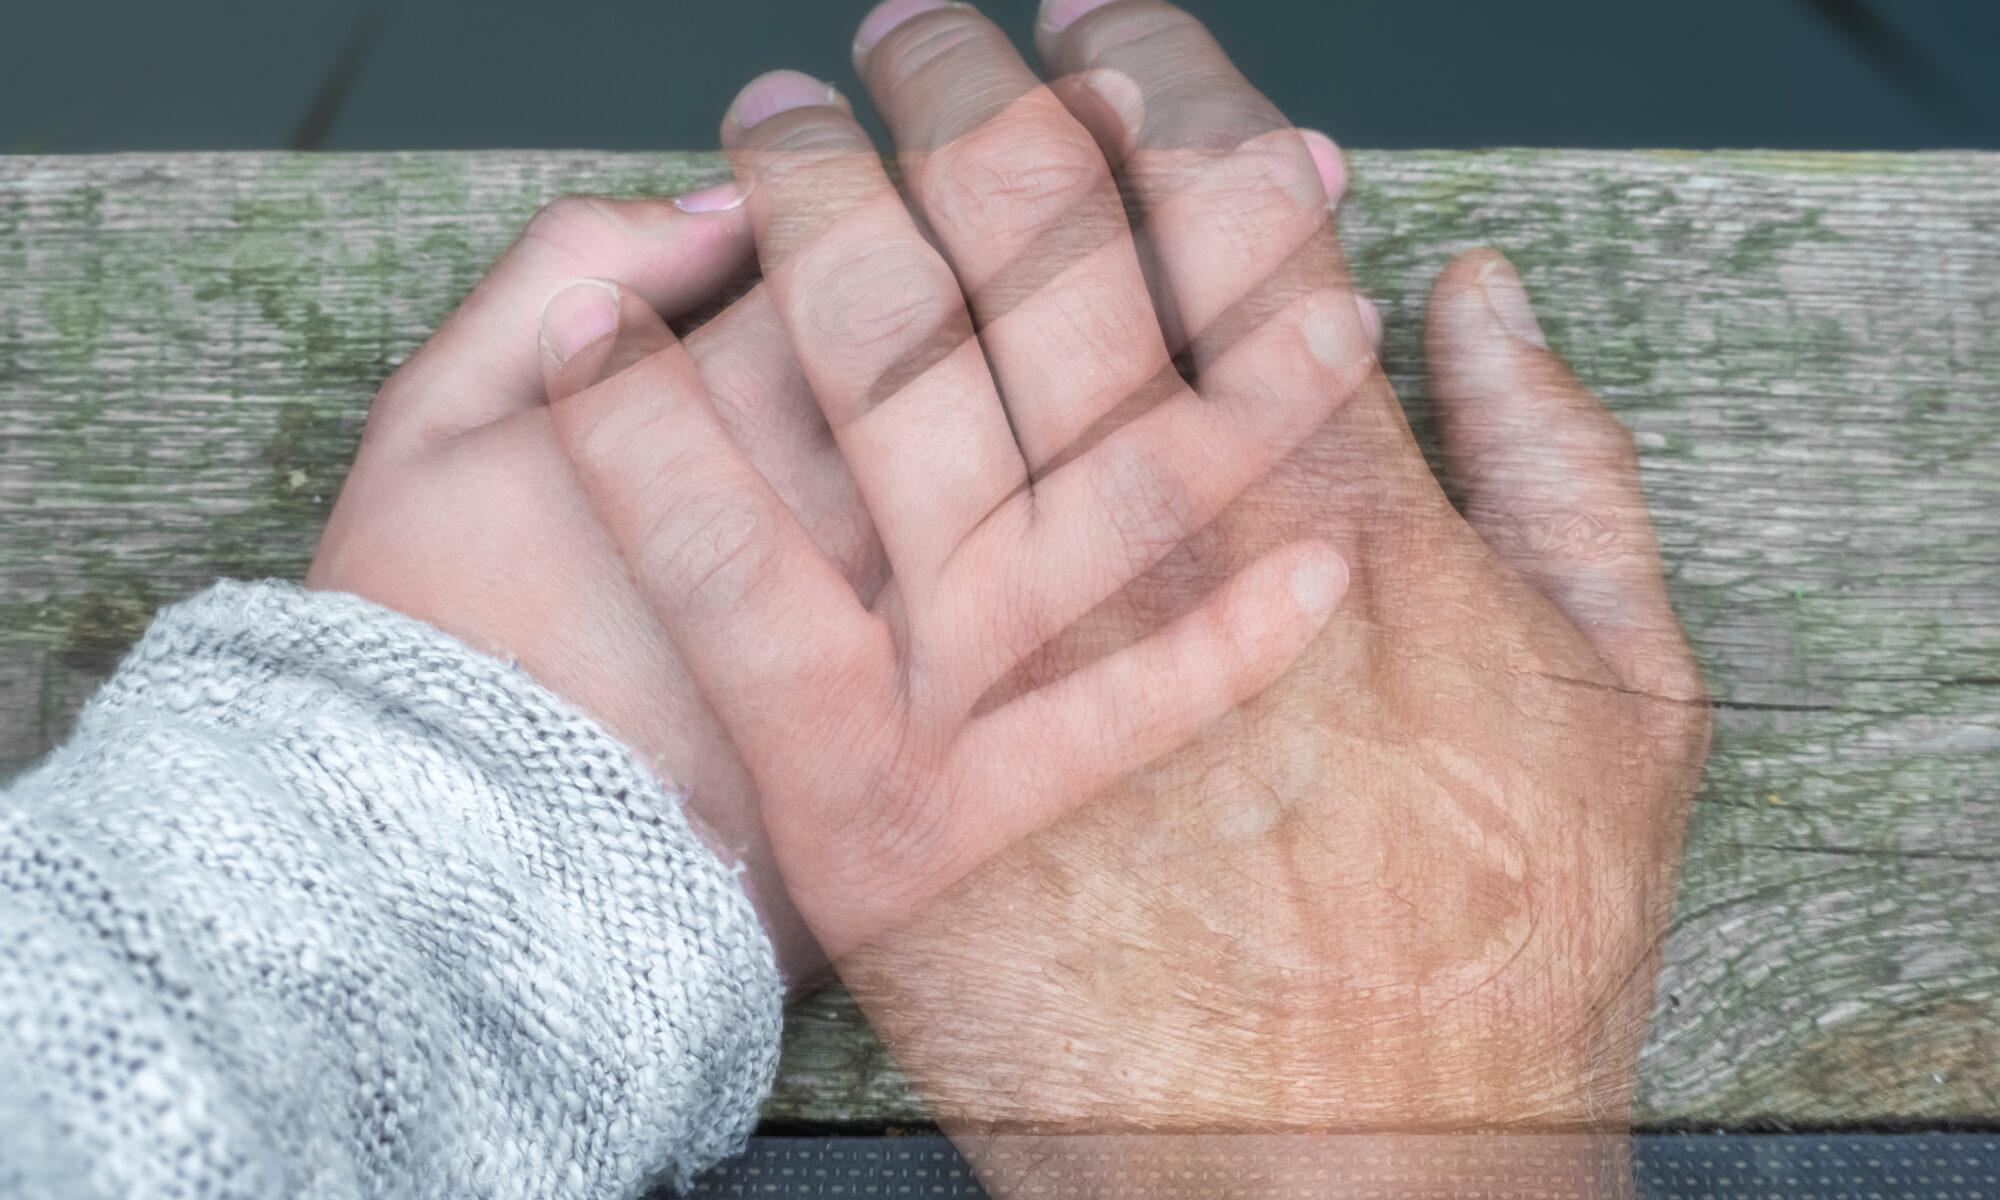 zwei Hände aufeinanderliegend